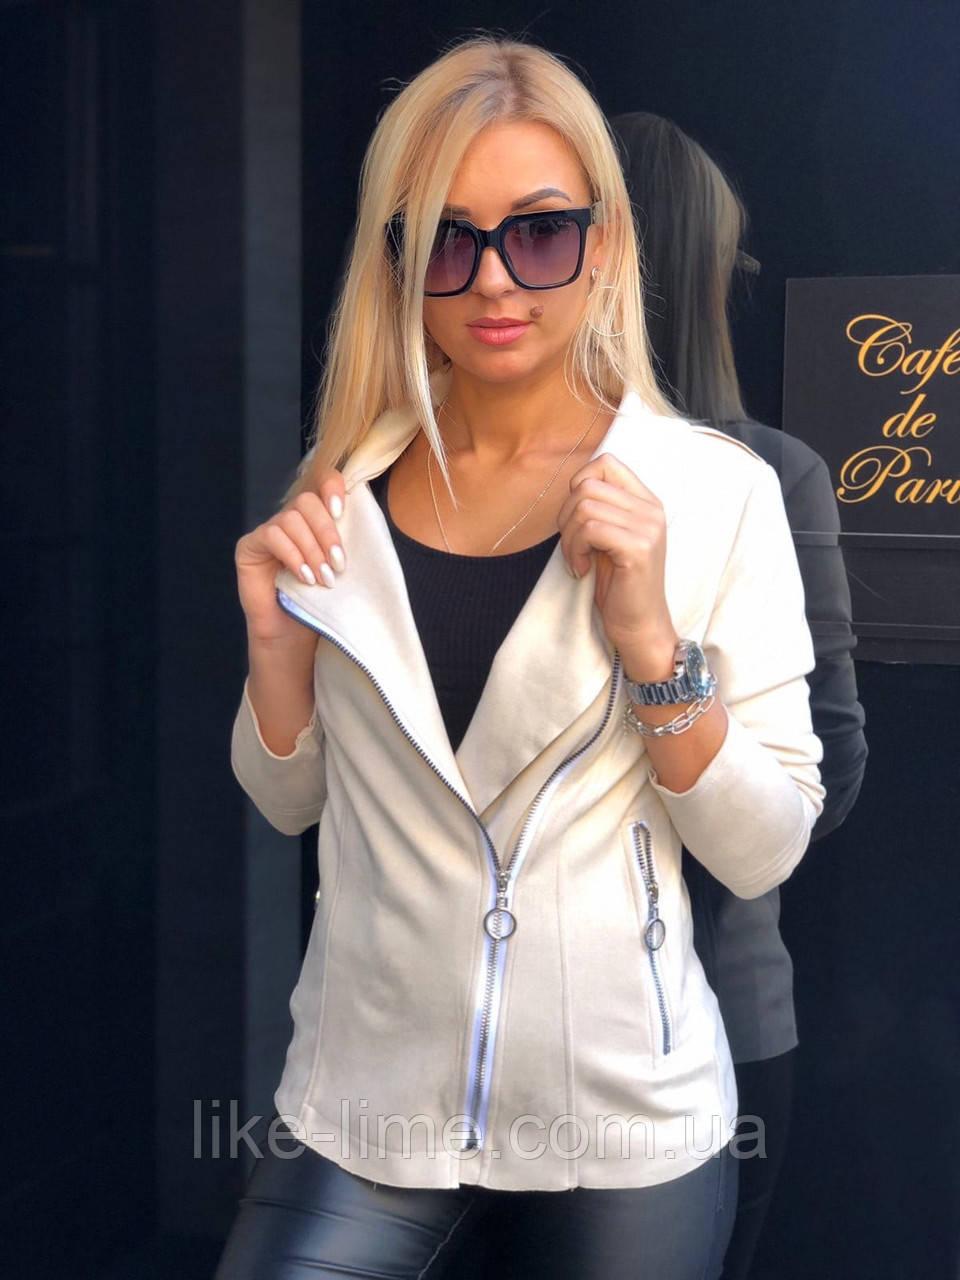 Женская куртка, женская демисезонная куртка